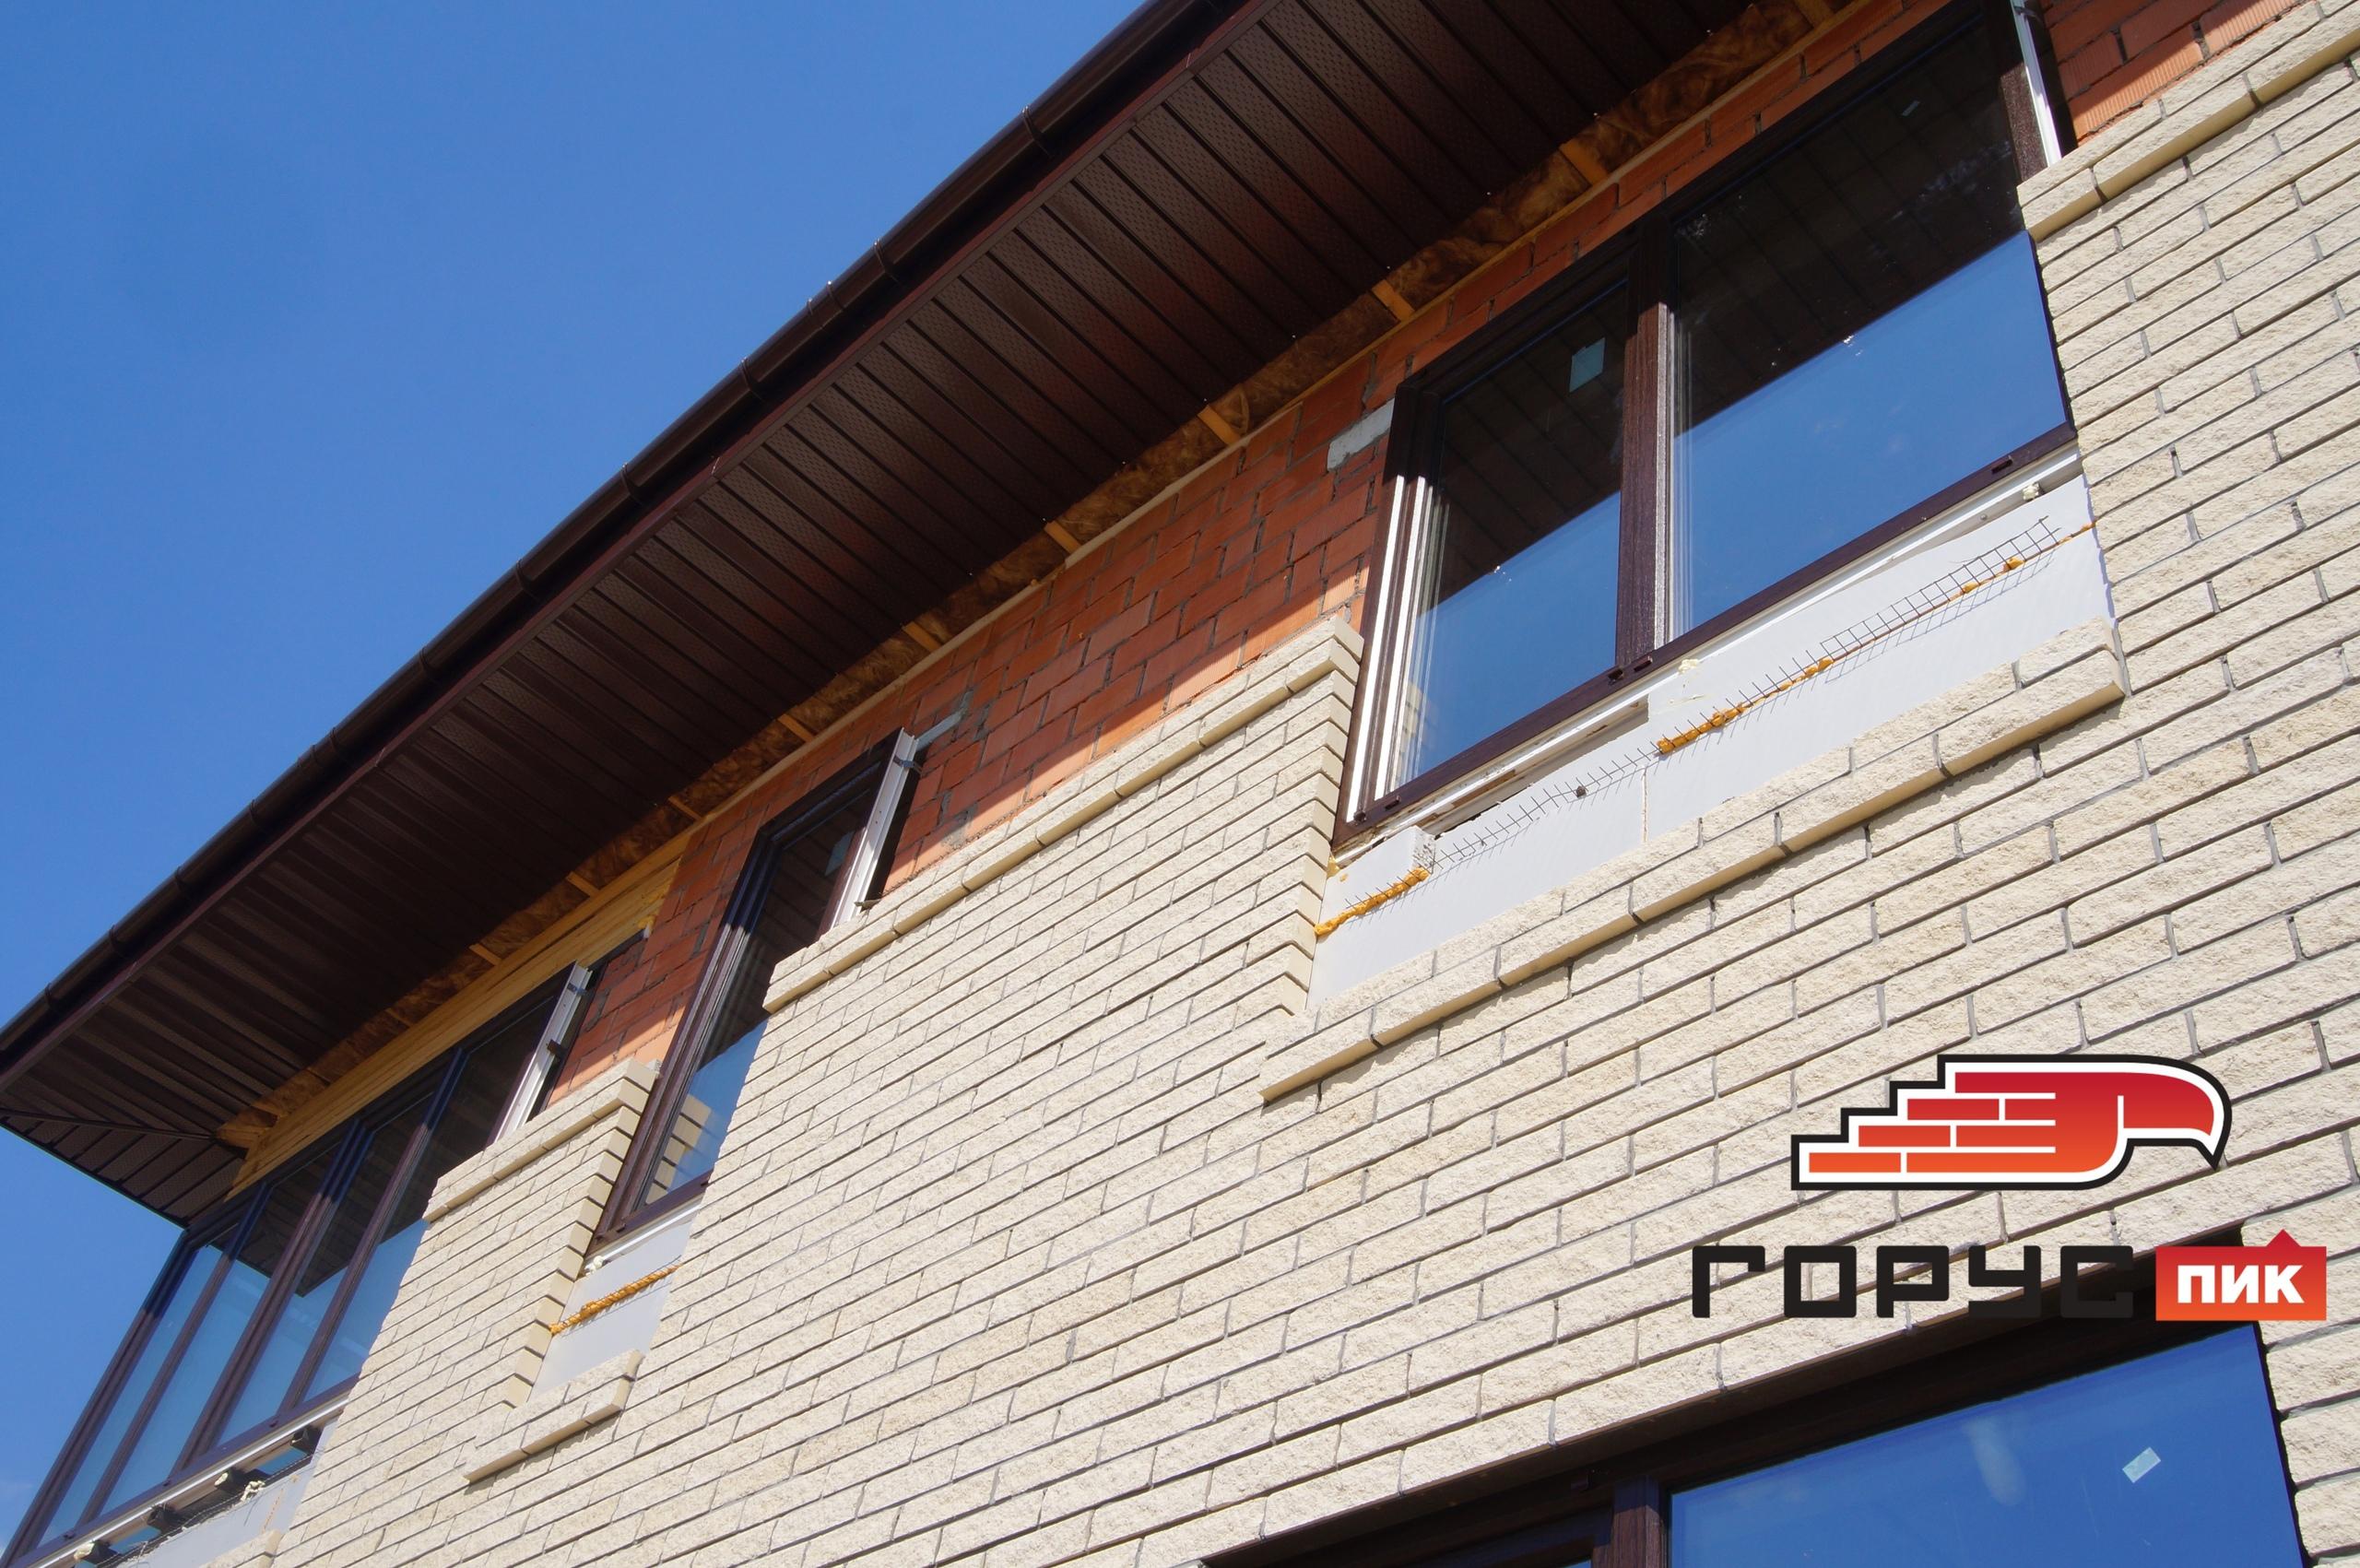 Объект, облицовываемый кирпичом «Горус» в деревне Чернышевка Высогорского района Республики Татарстан вышел на завершающую стадию.